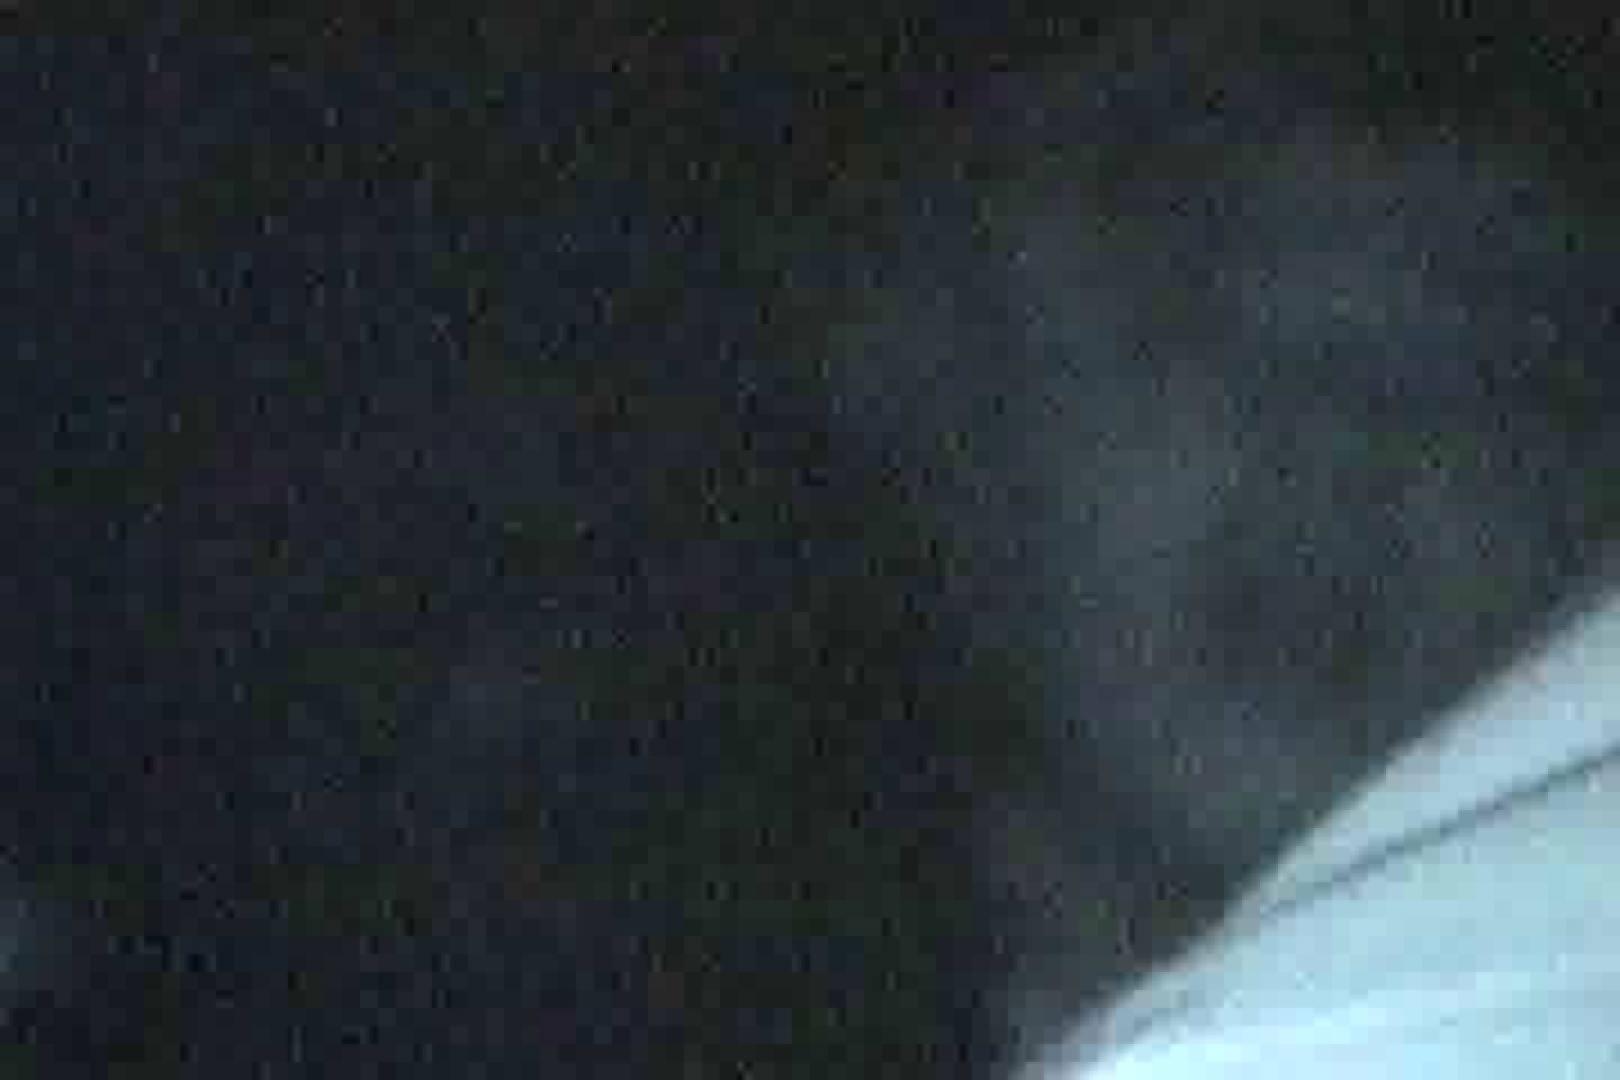 充血監督の深夜の運動会Vol.10 セックス おめこ無修正画像 91pic 83